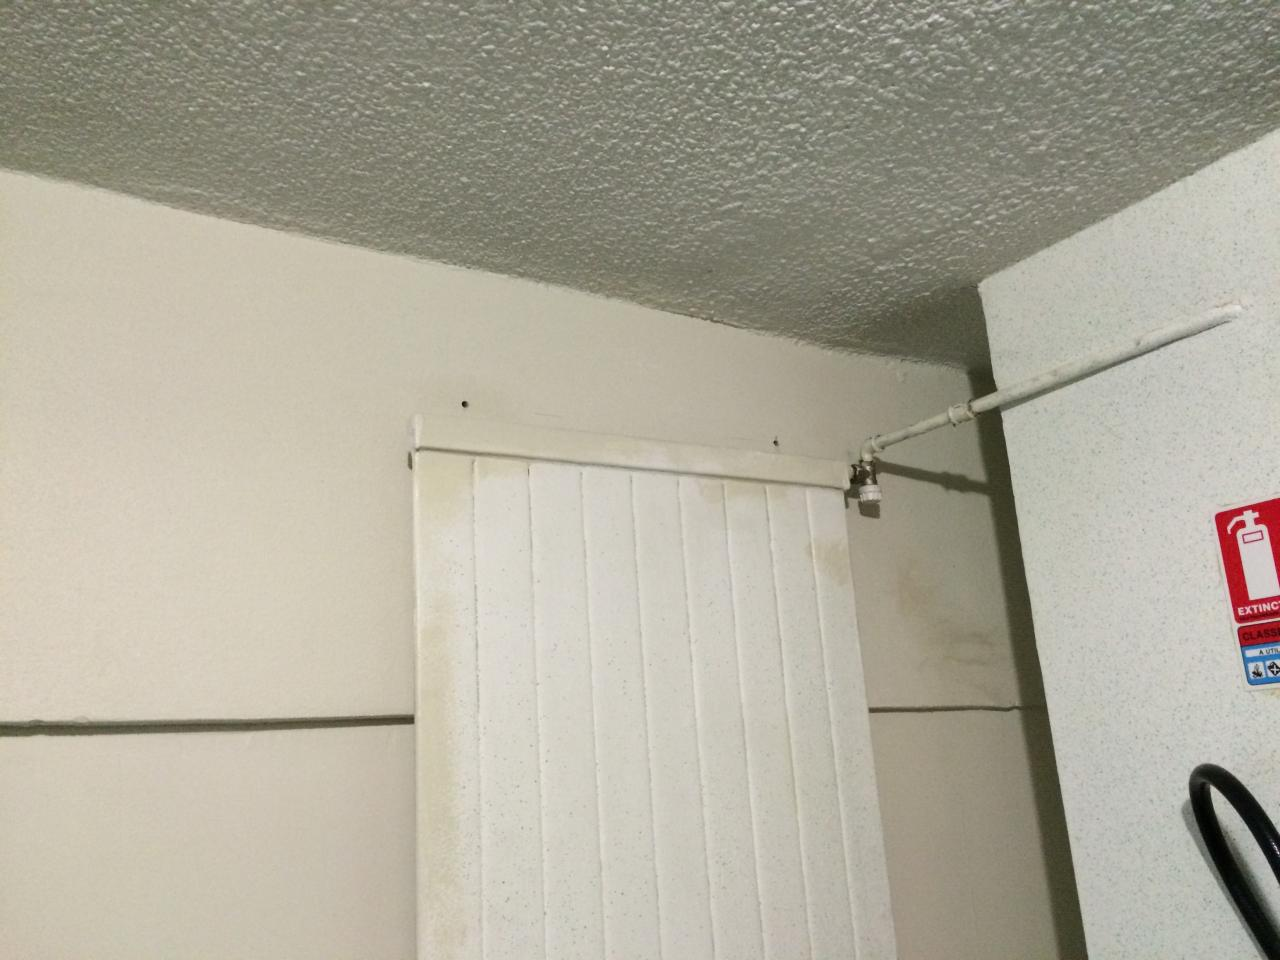 2 trous au dessus du radiateur